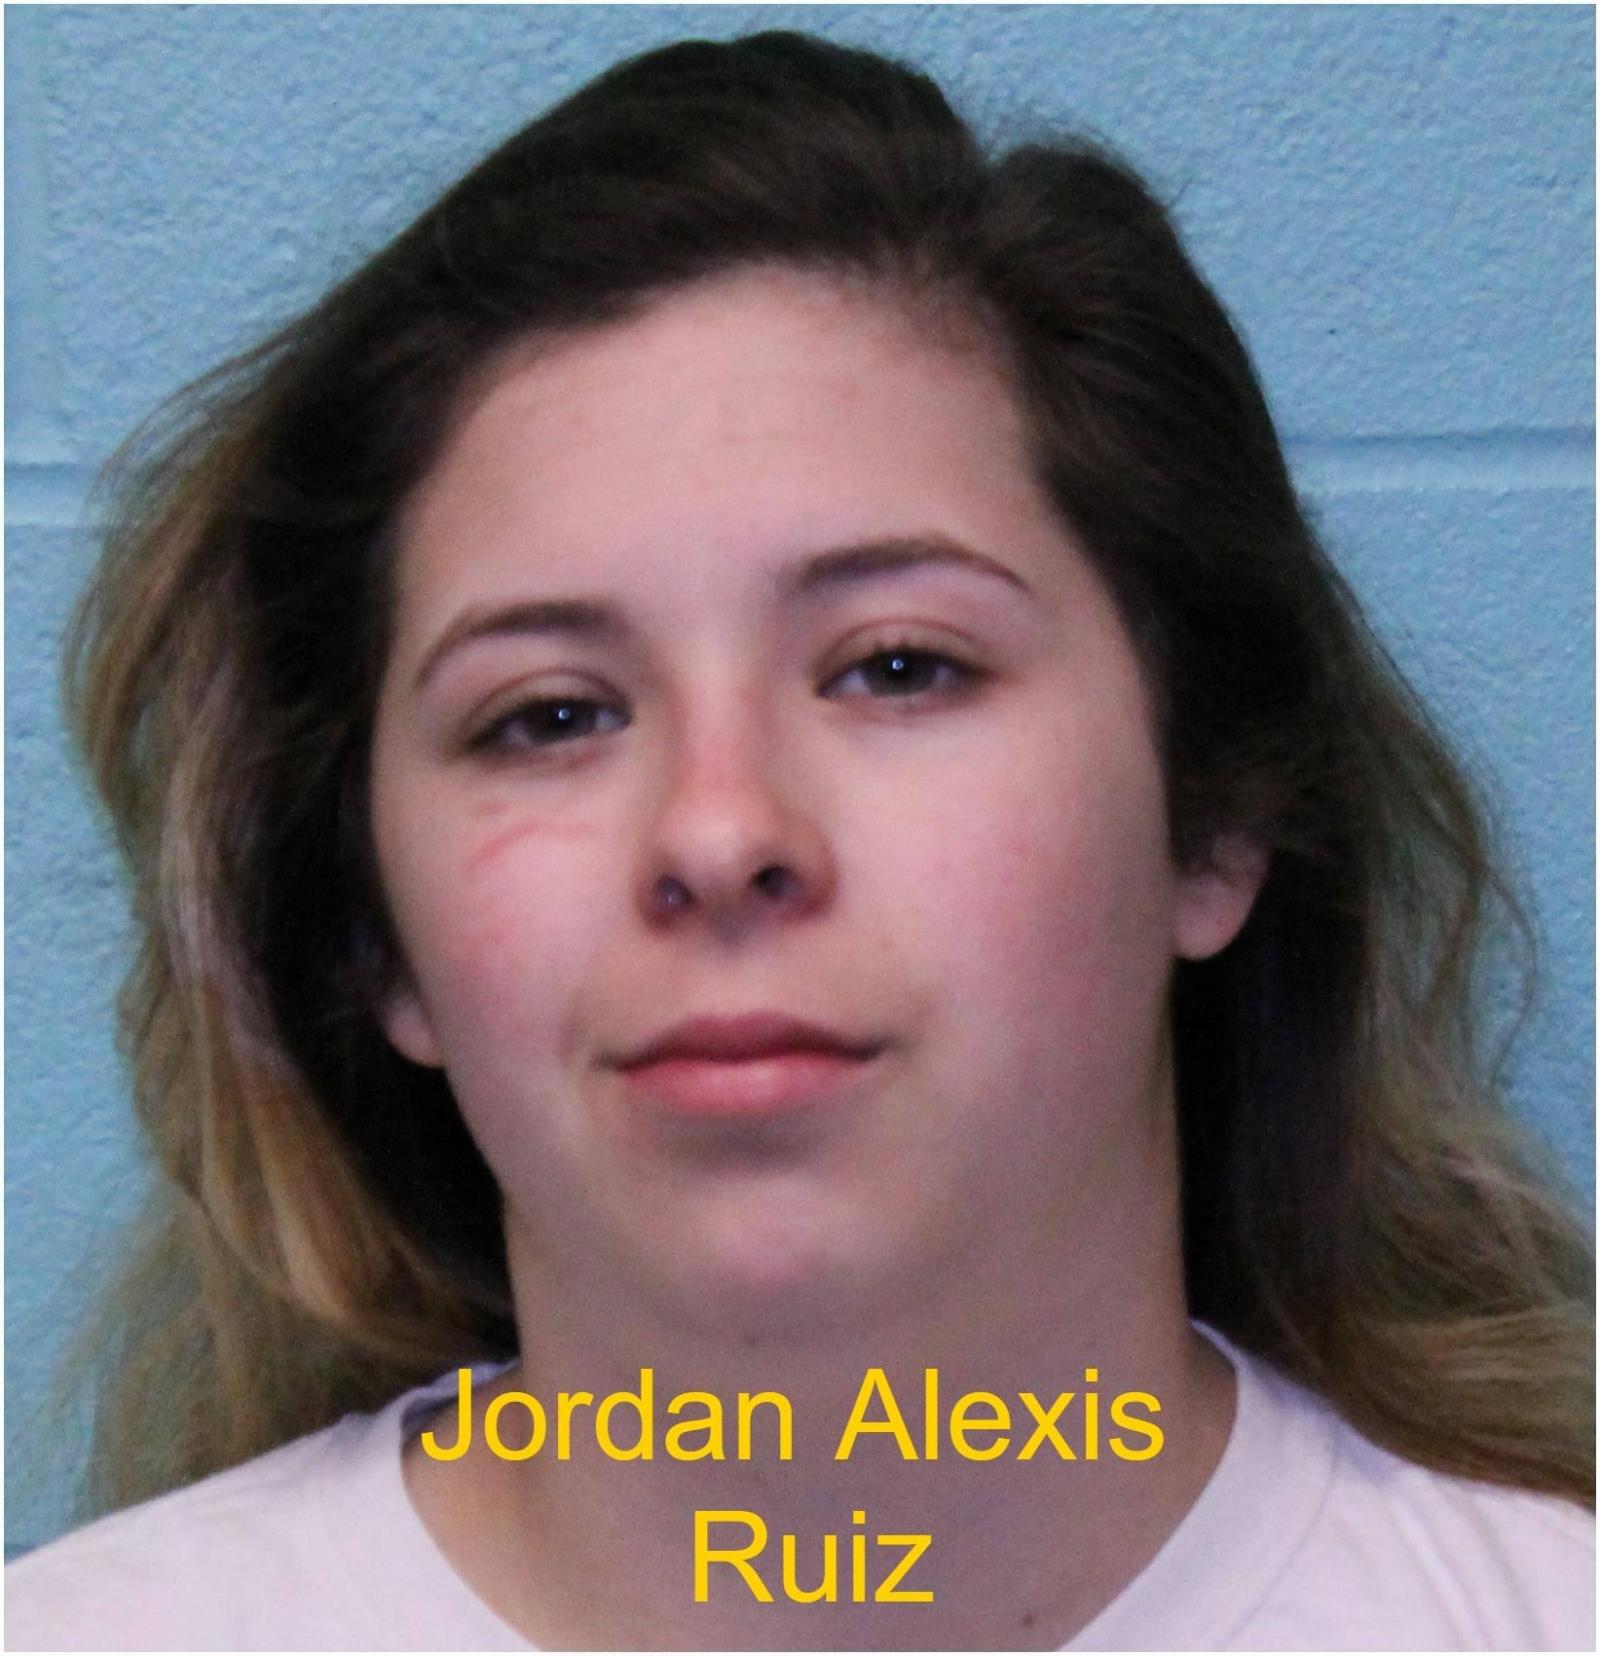 Jordan Alexis Ruiz